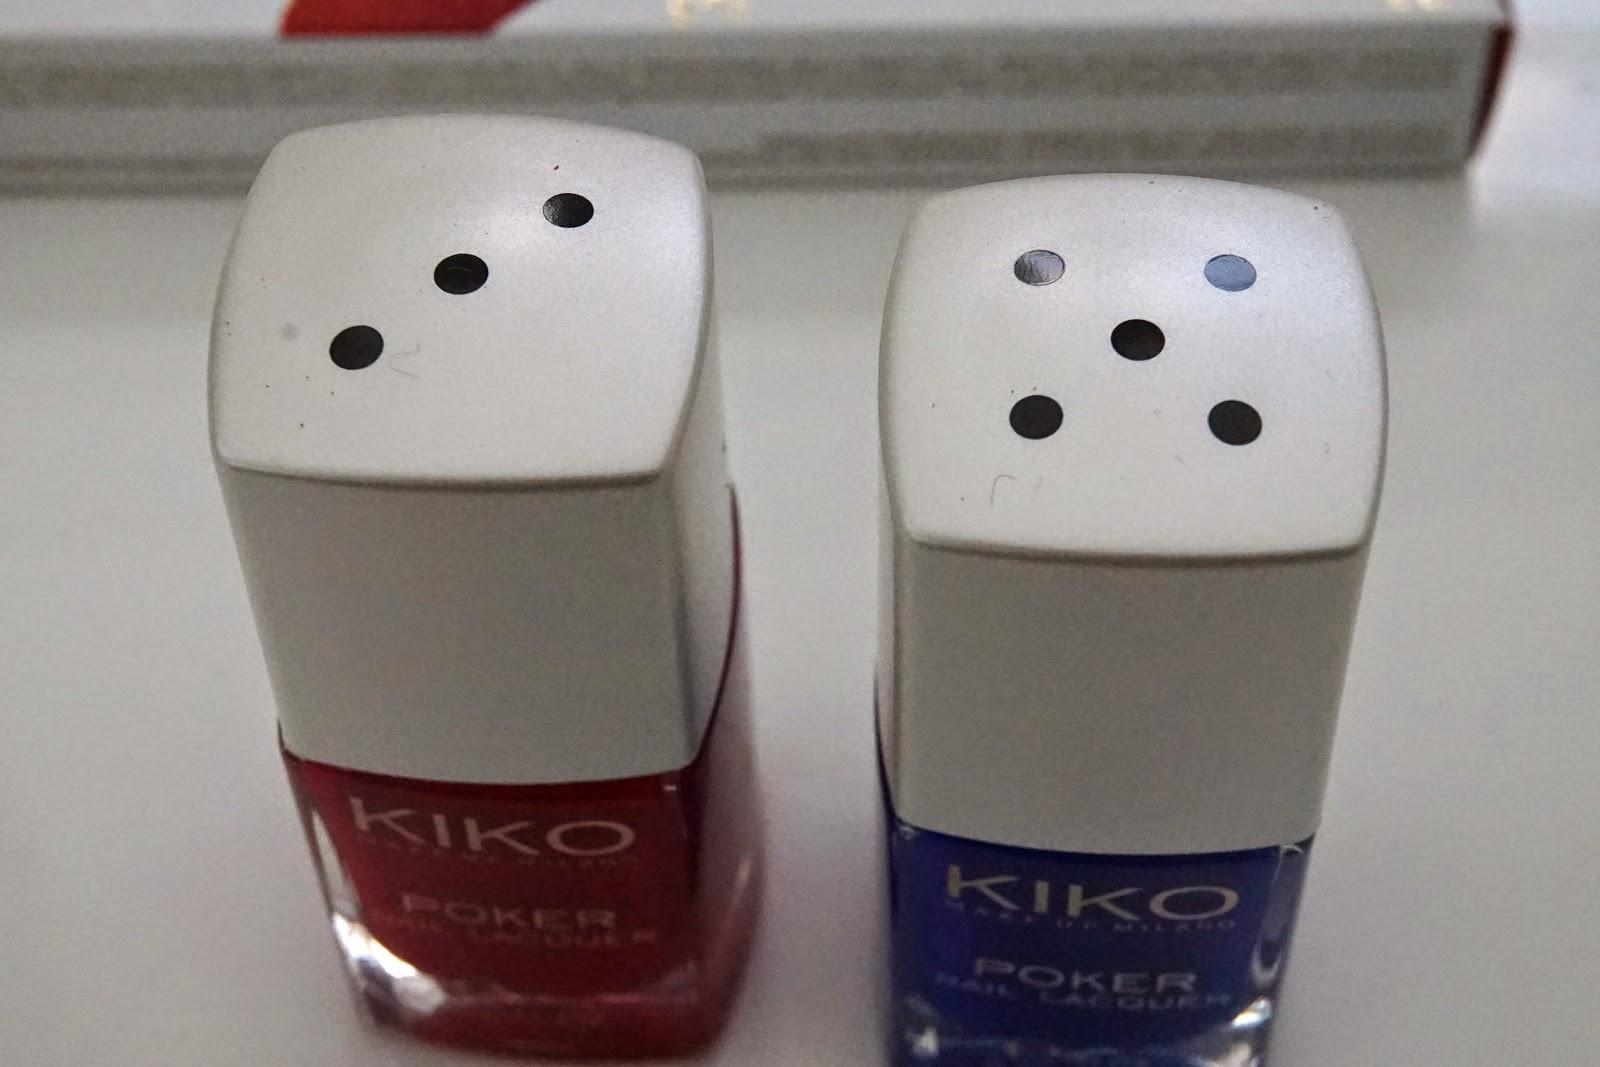 kiko poker nail lacquer